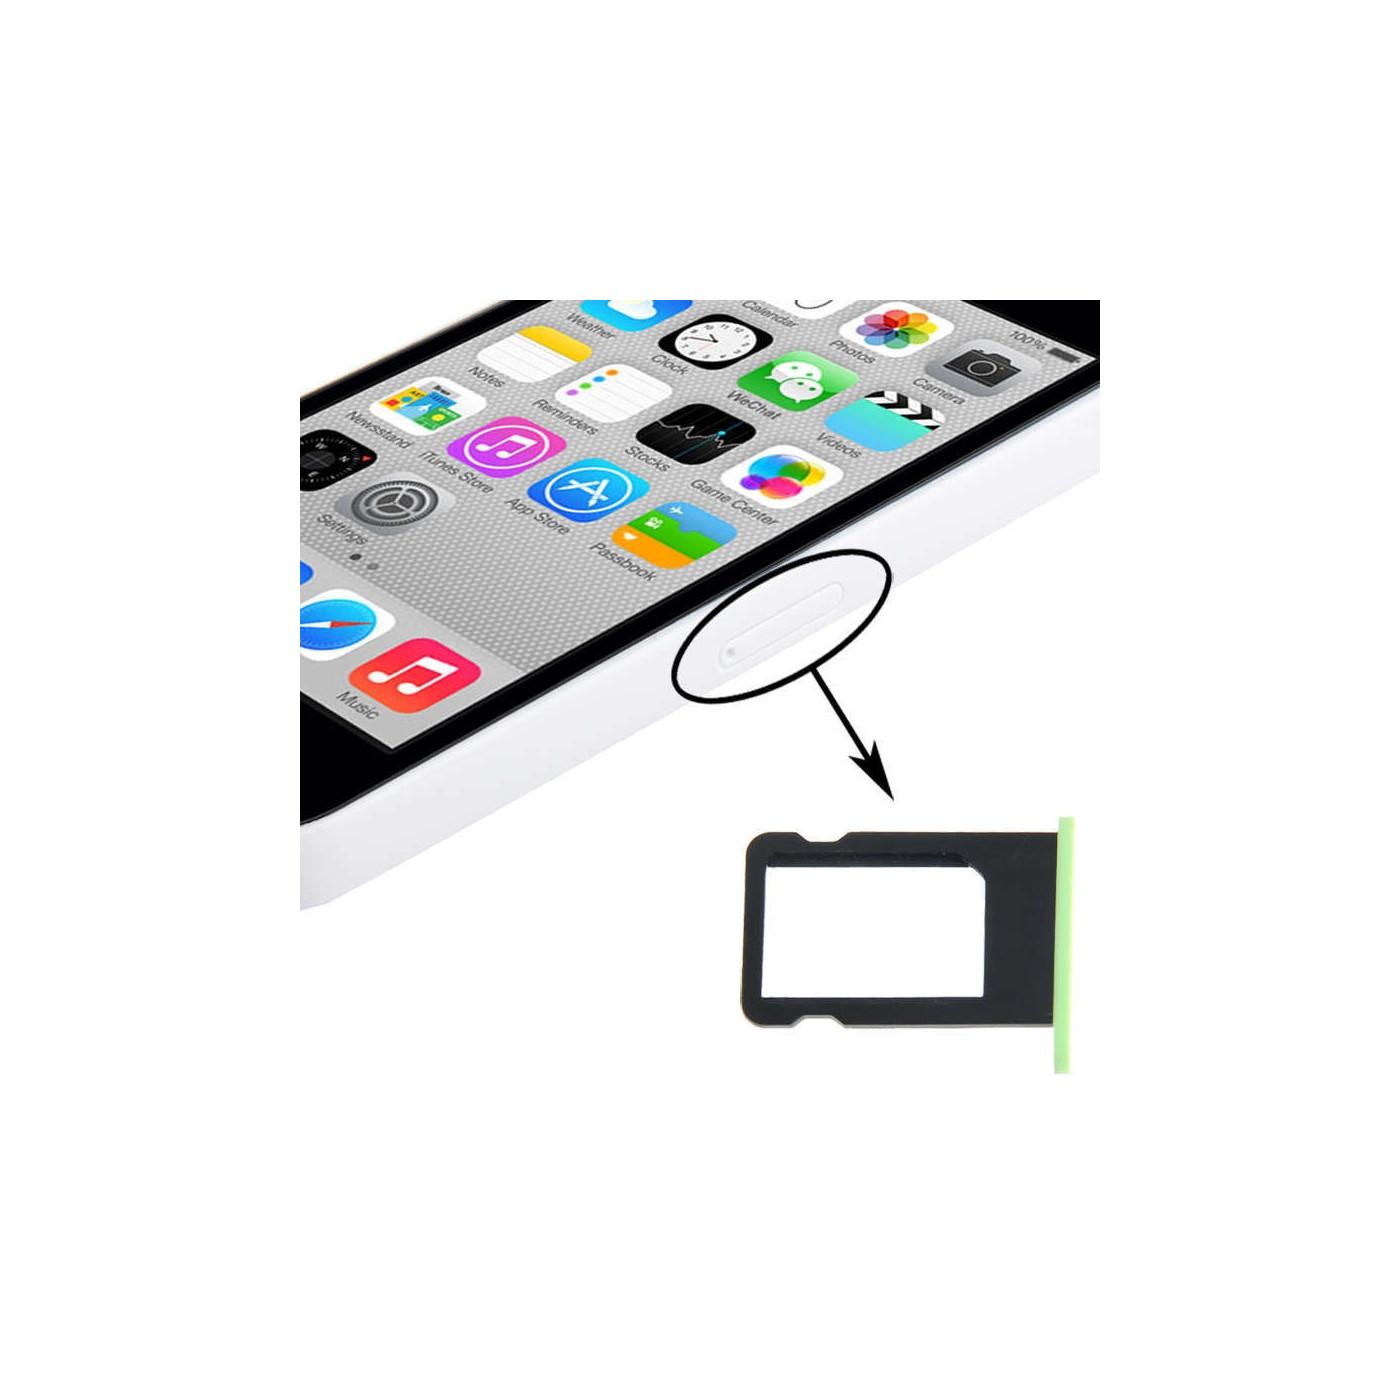 SIM Kartenhalter Apple iPhone 5C grün Slot Schlitten Cart Fach Ersatz